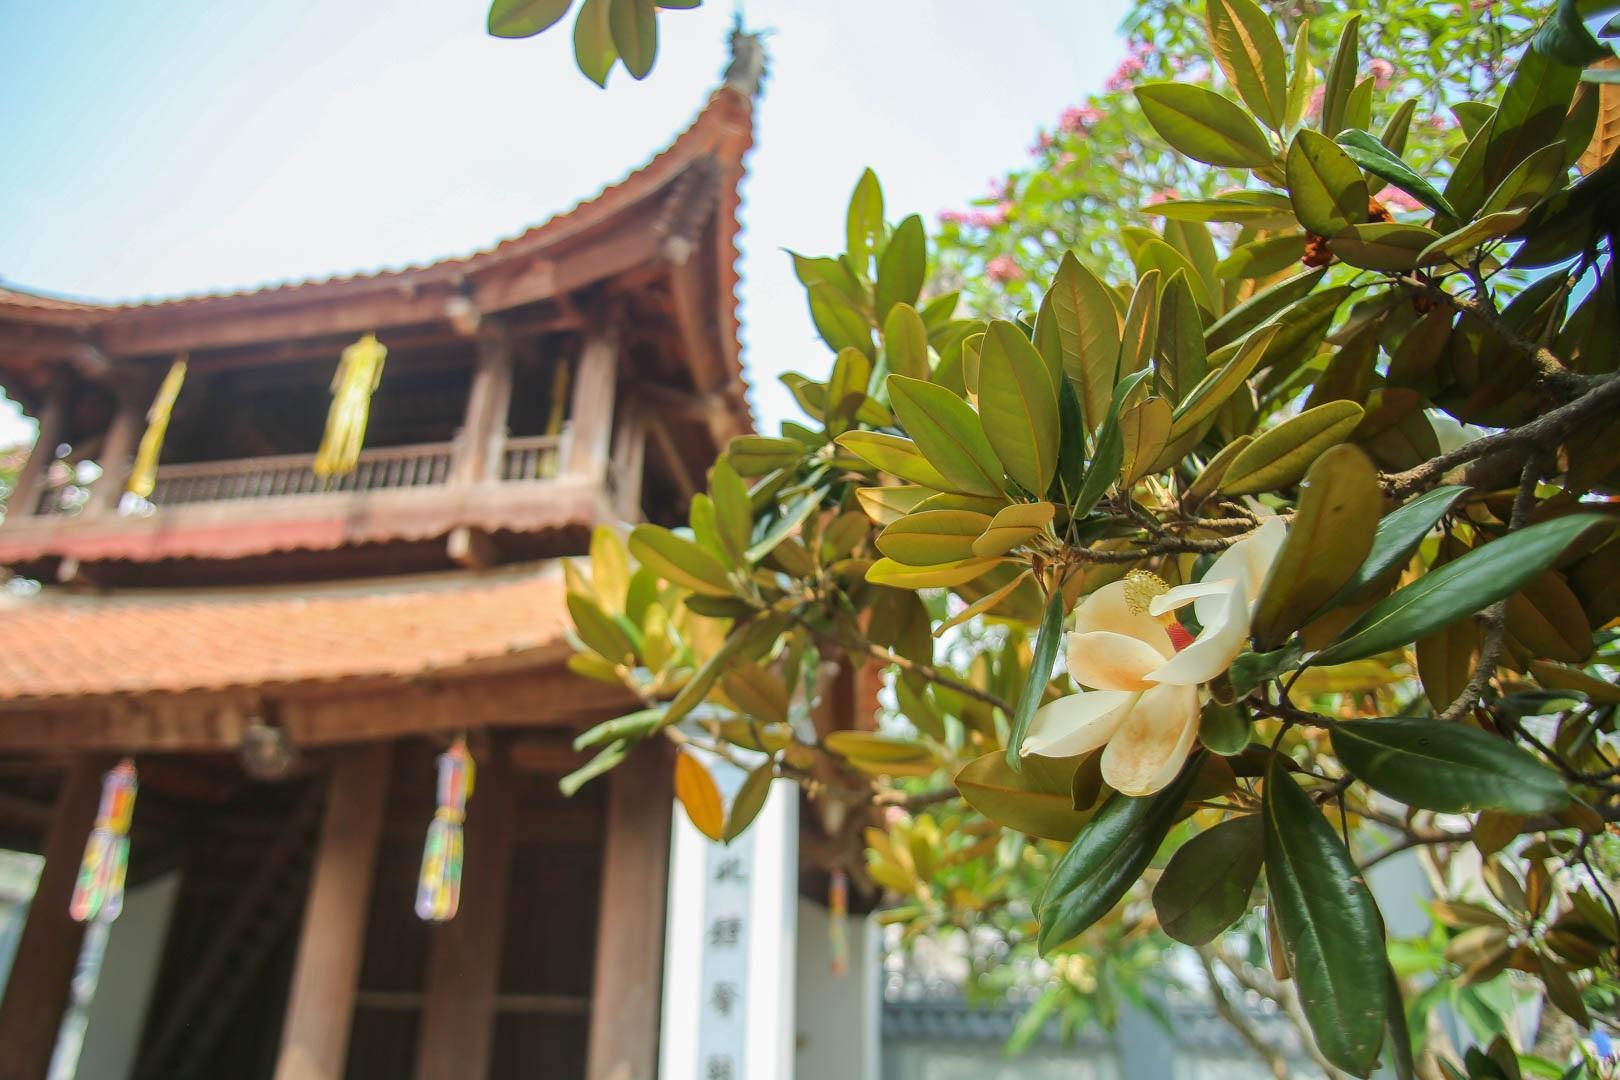 Kì lạ đóa sen nằm trên cạn, tỏa hương thơm ngát ngôi chùa trăm năm tuổi - 5